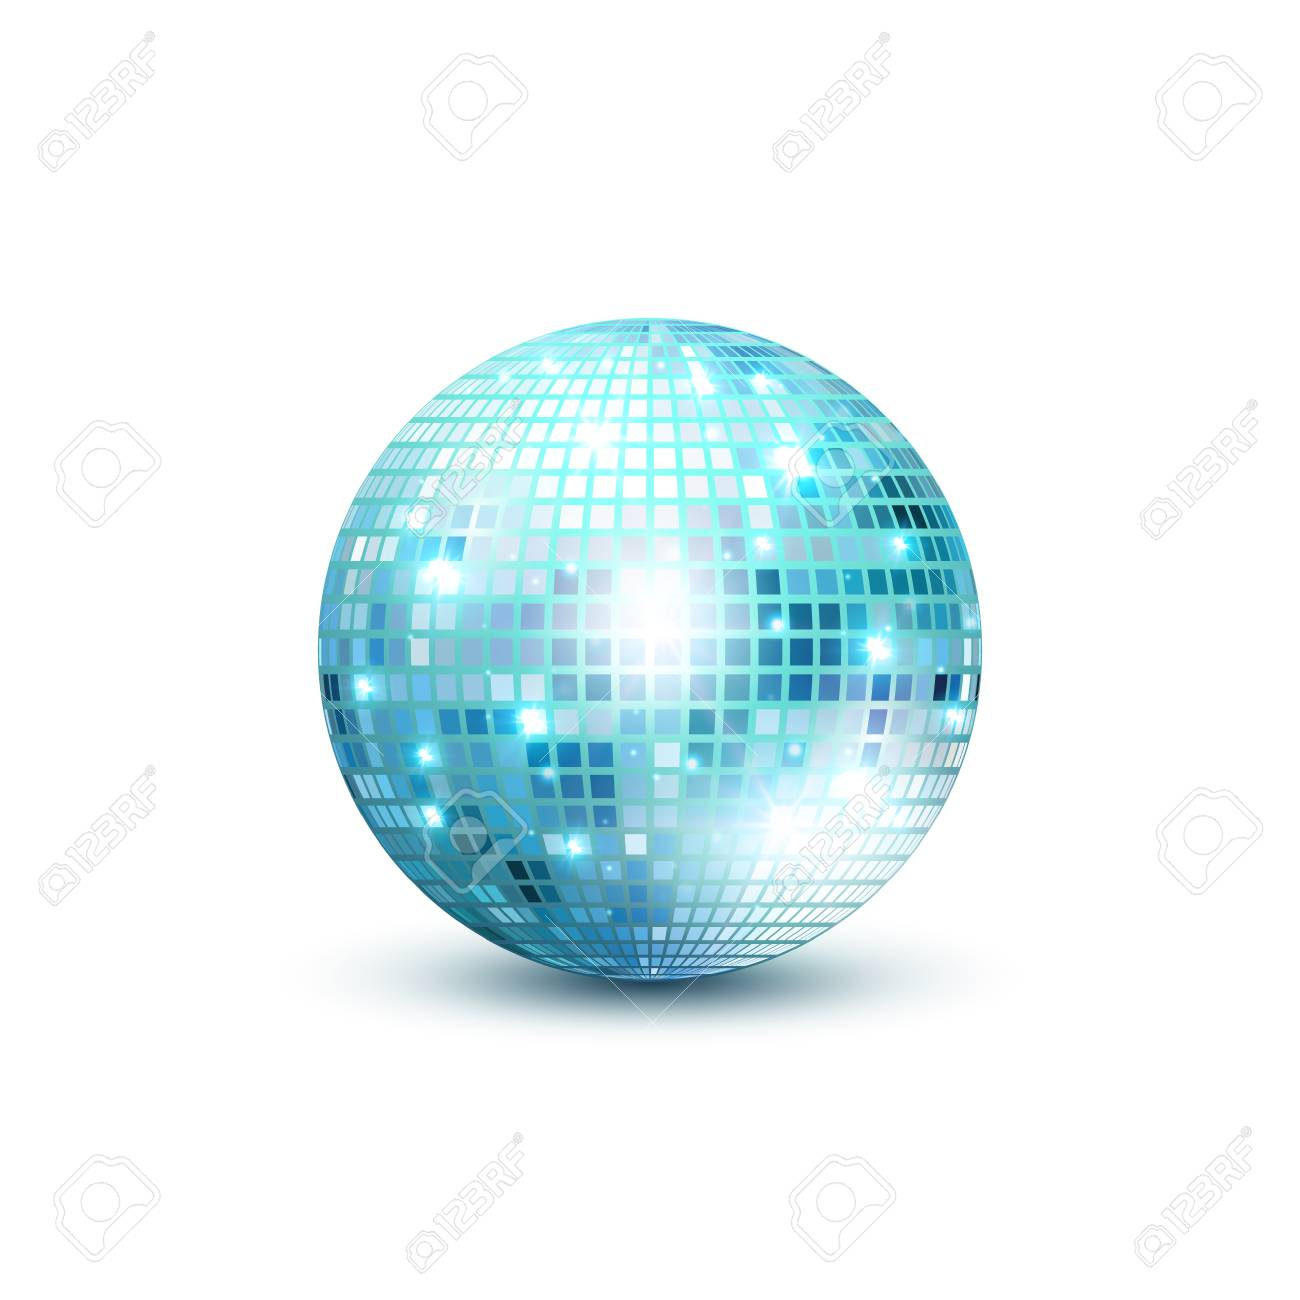 disco bal geïsoleerde illustratie night club party licht element